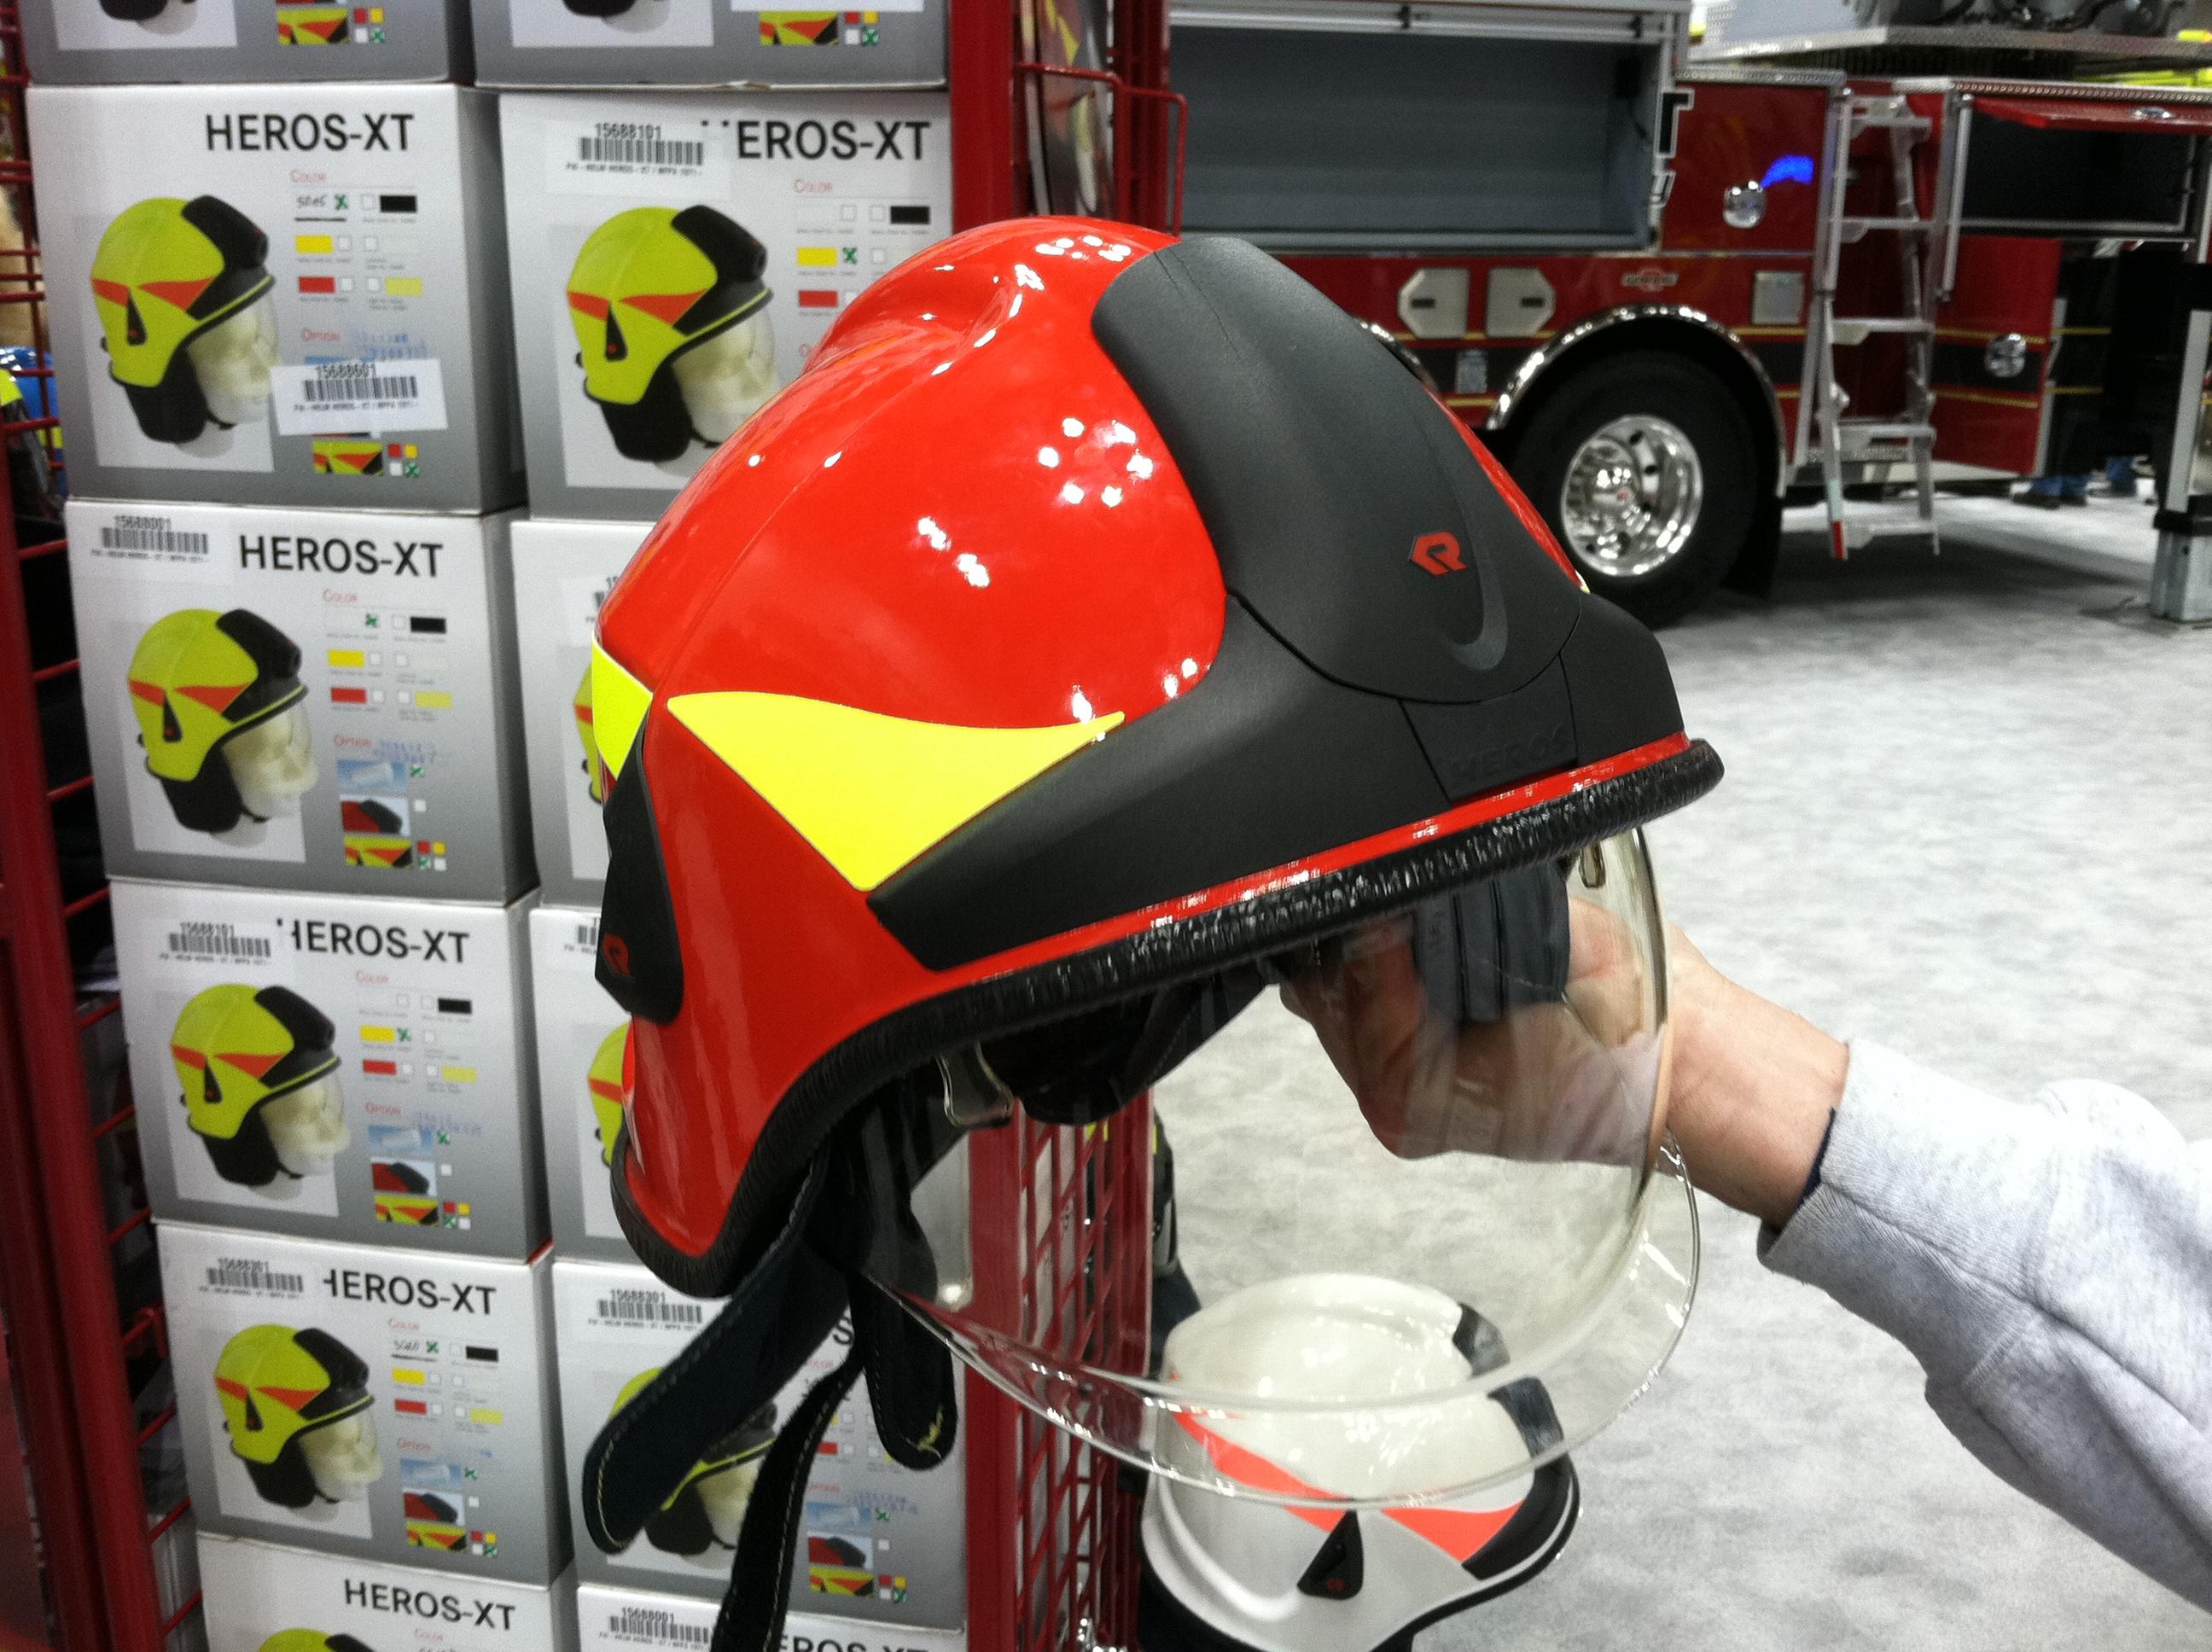 Rosenbauer Hero-XT Helmet